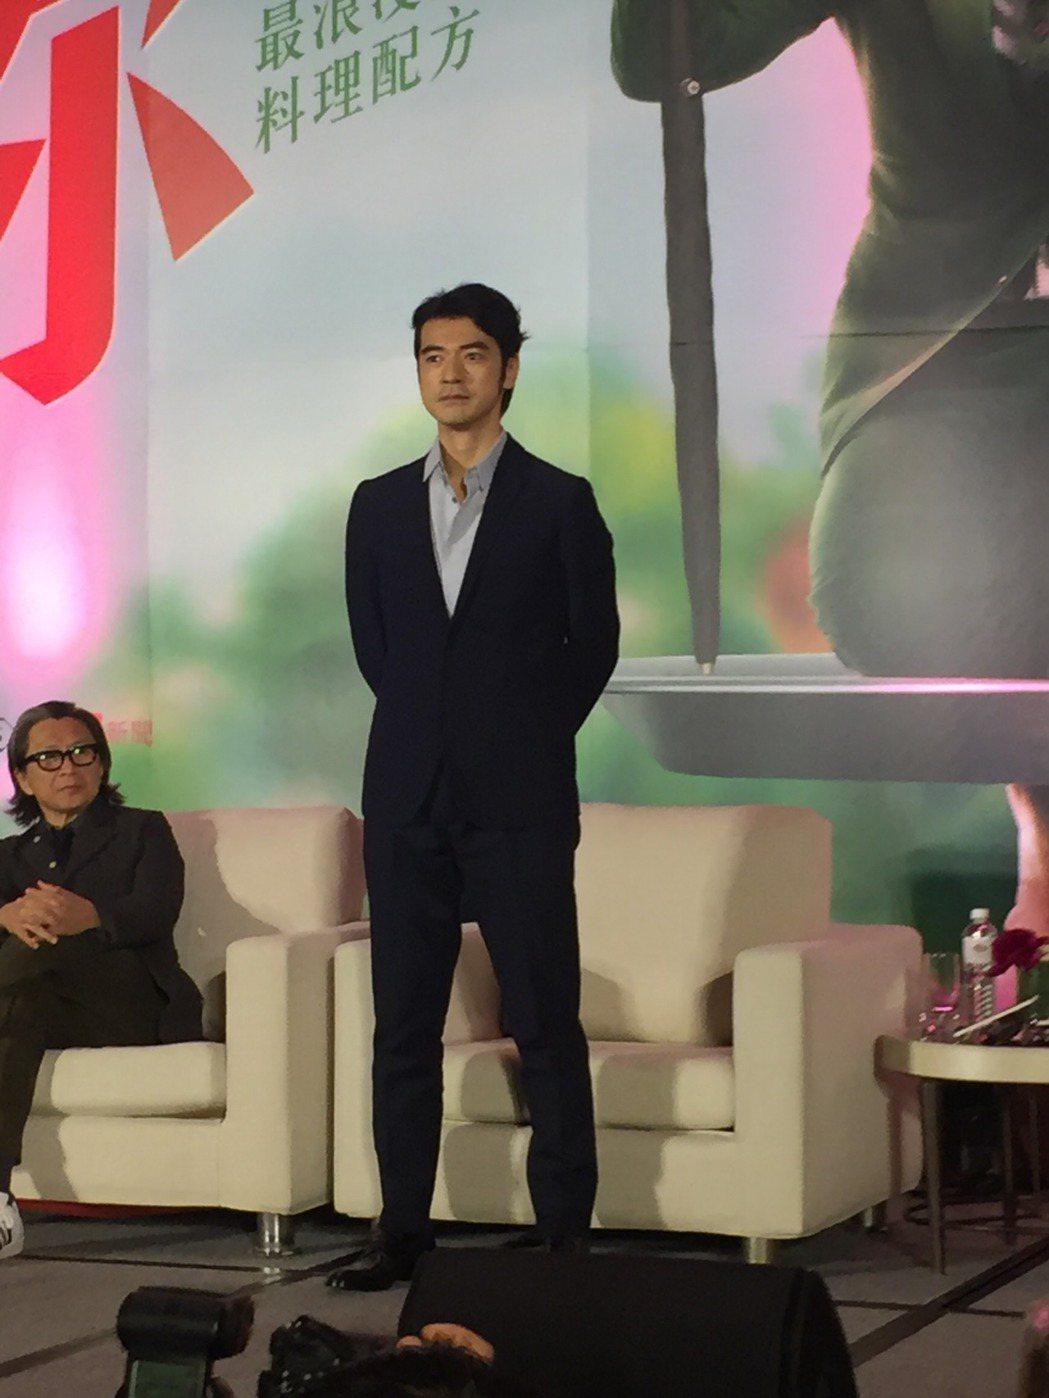 金城武出席台灣「喜歡你」媒體記者會。圖/記者陳建嘉攝